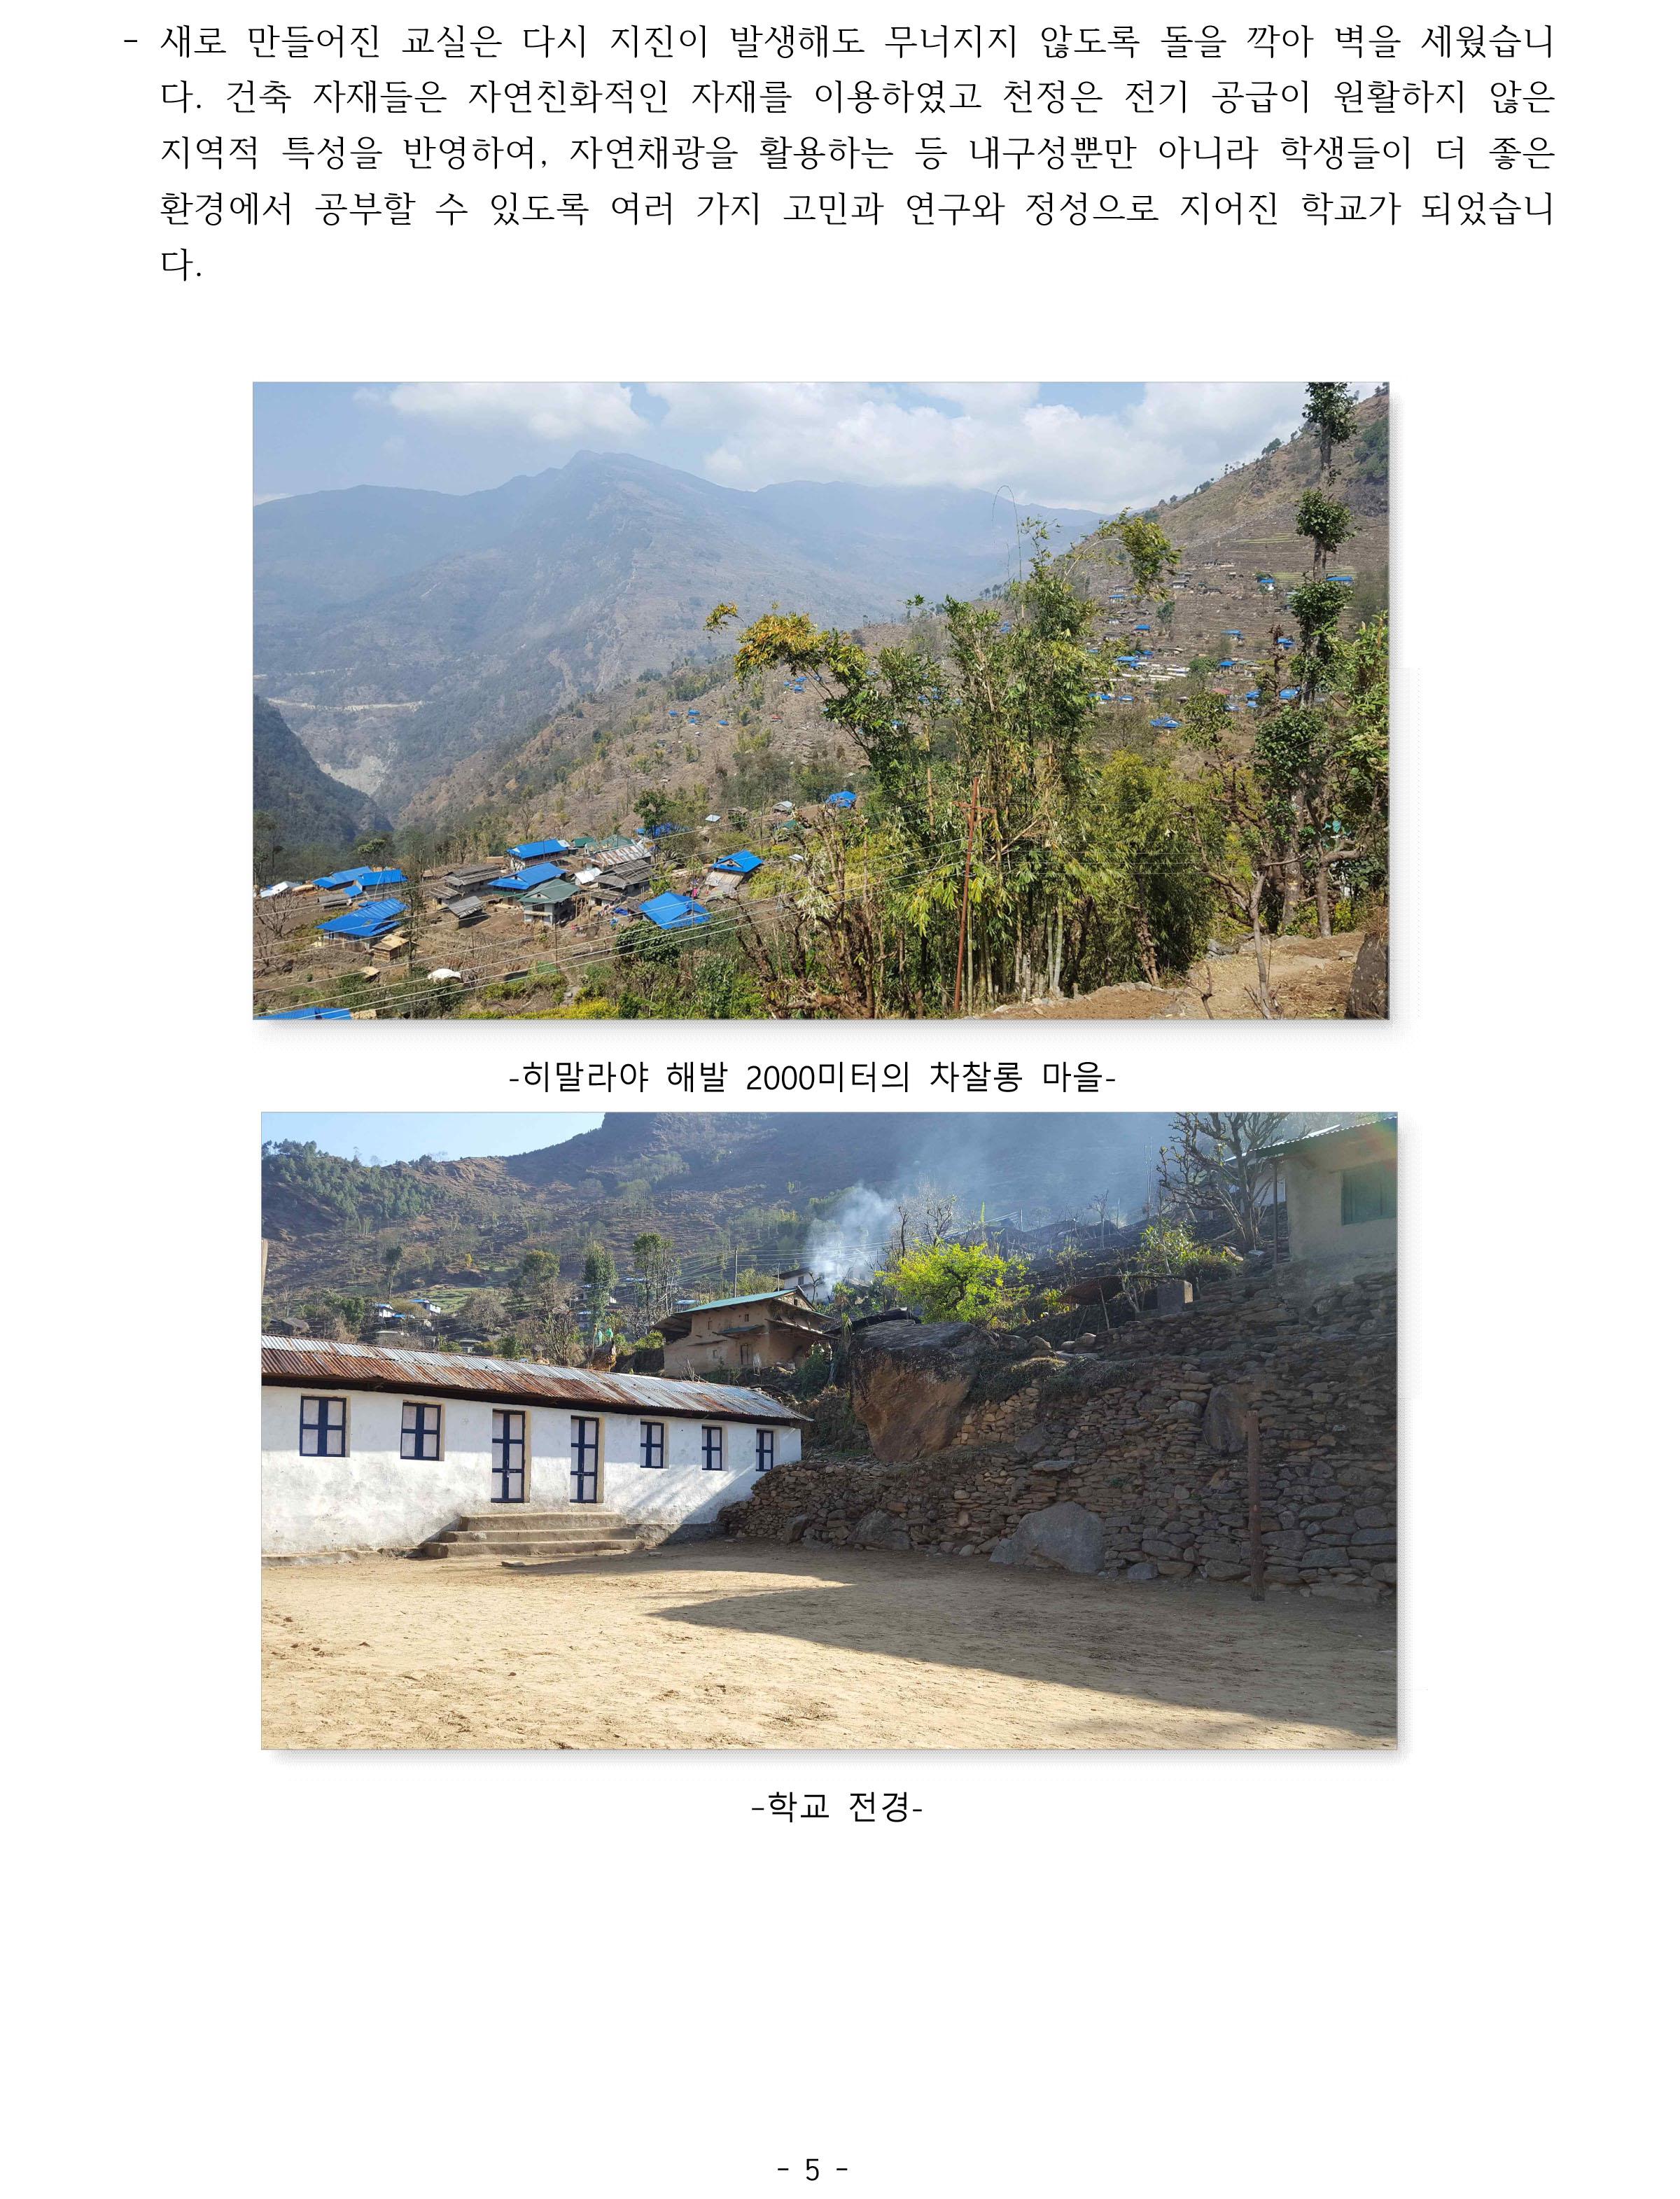 네팔 학교 재건 3차 준비 - 최종보고-5.jpg